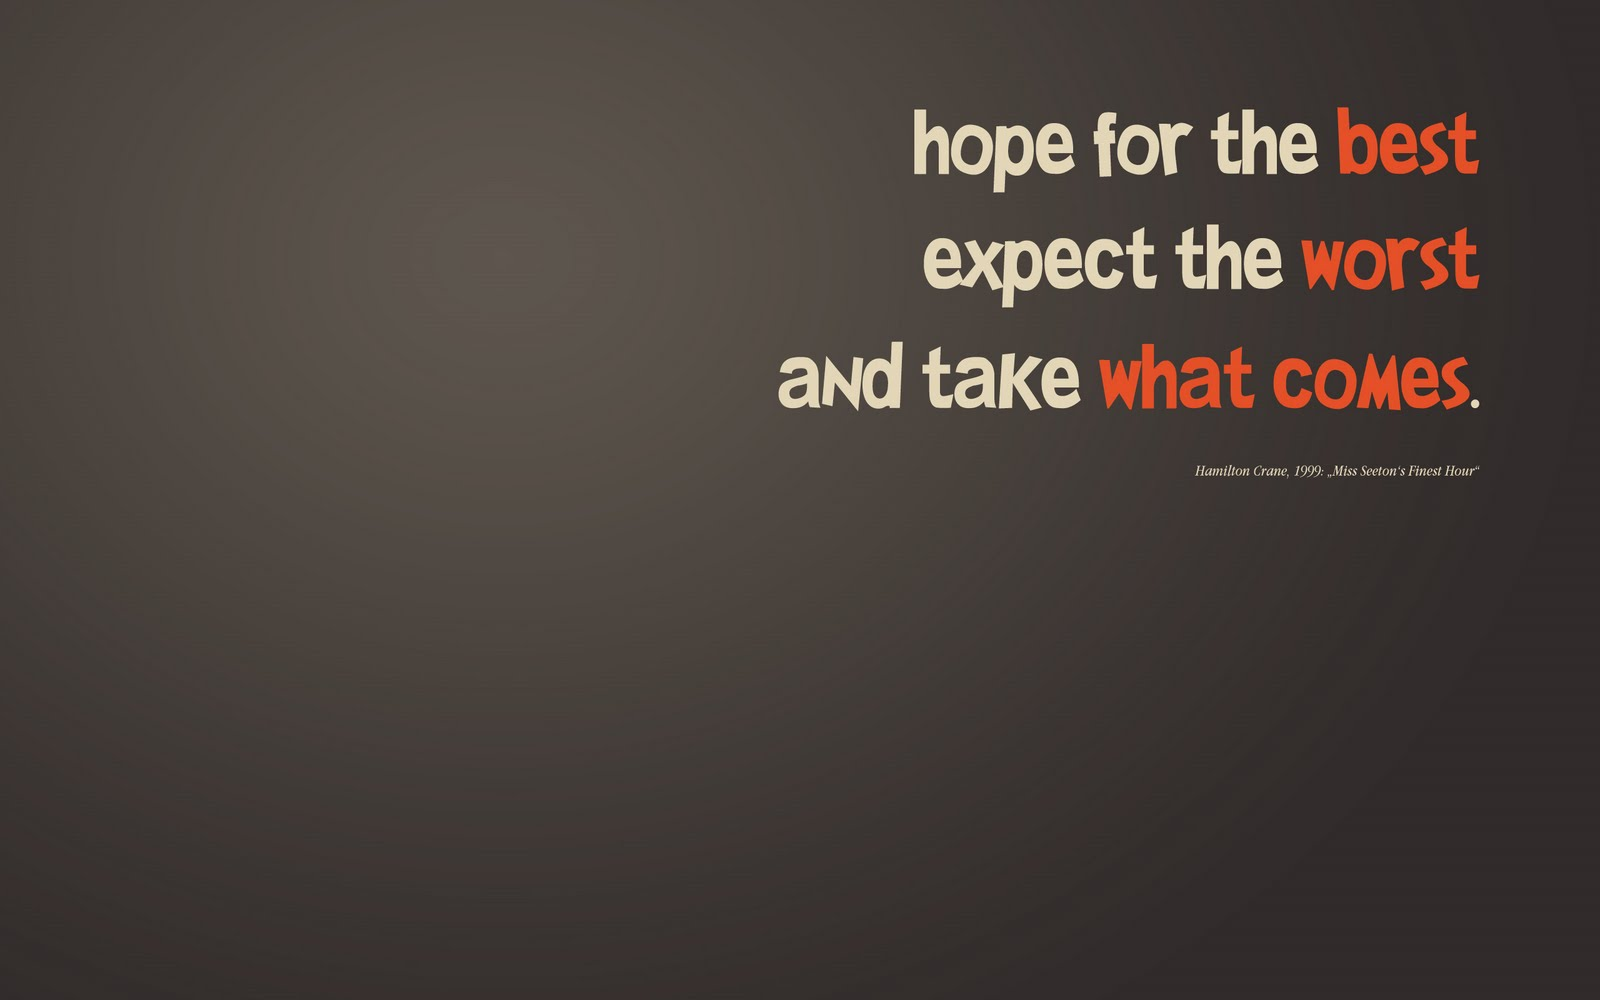 Best Quotes Wallpapers For Desktop 3 1600x1000